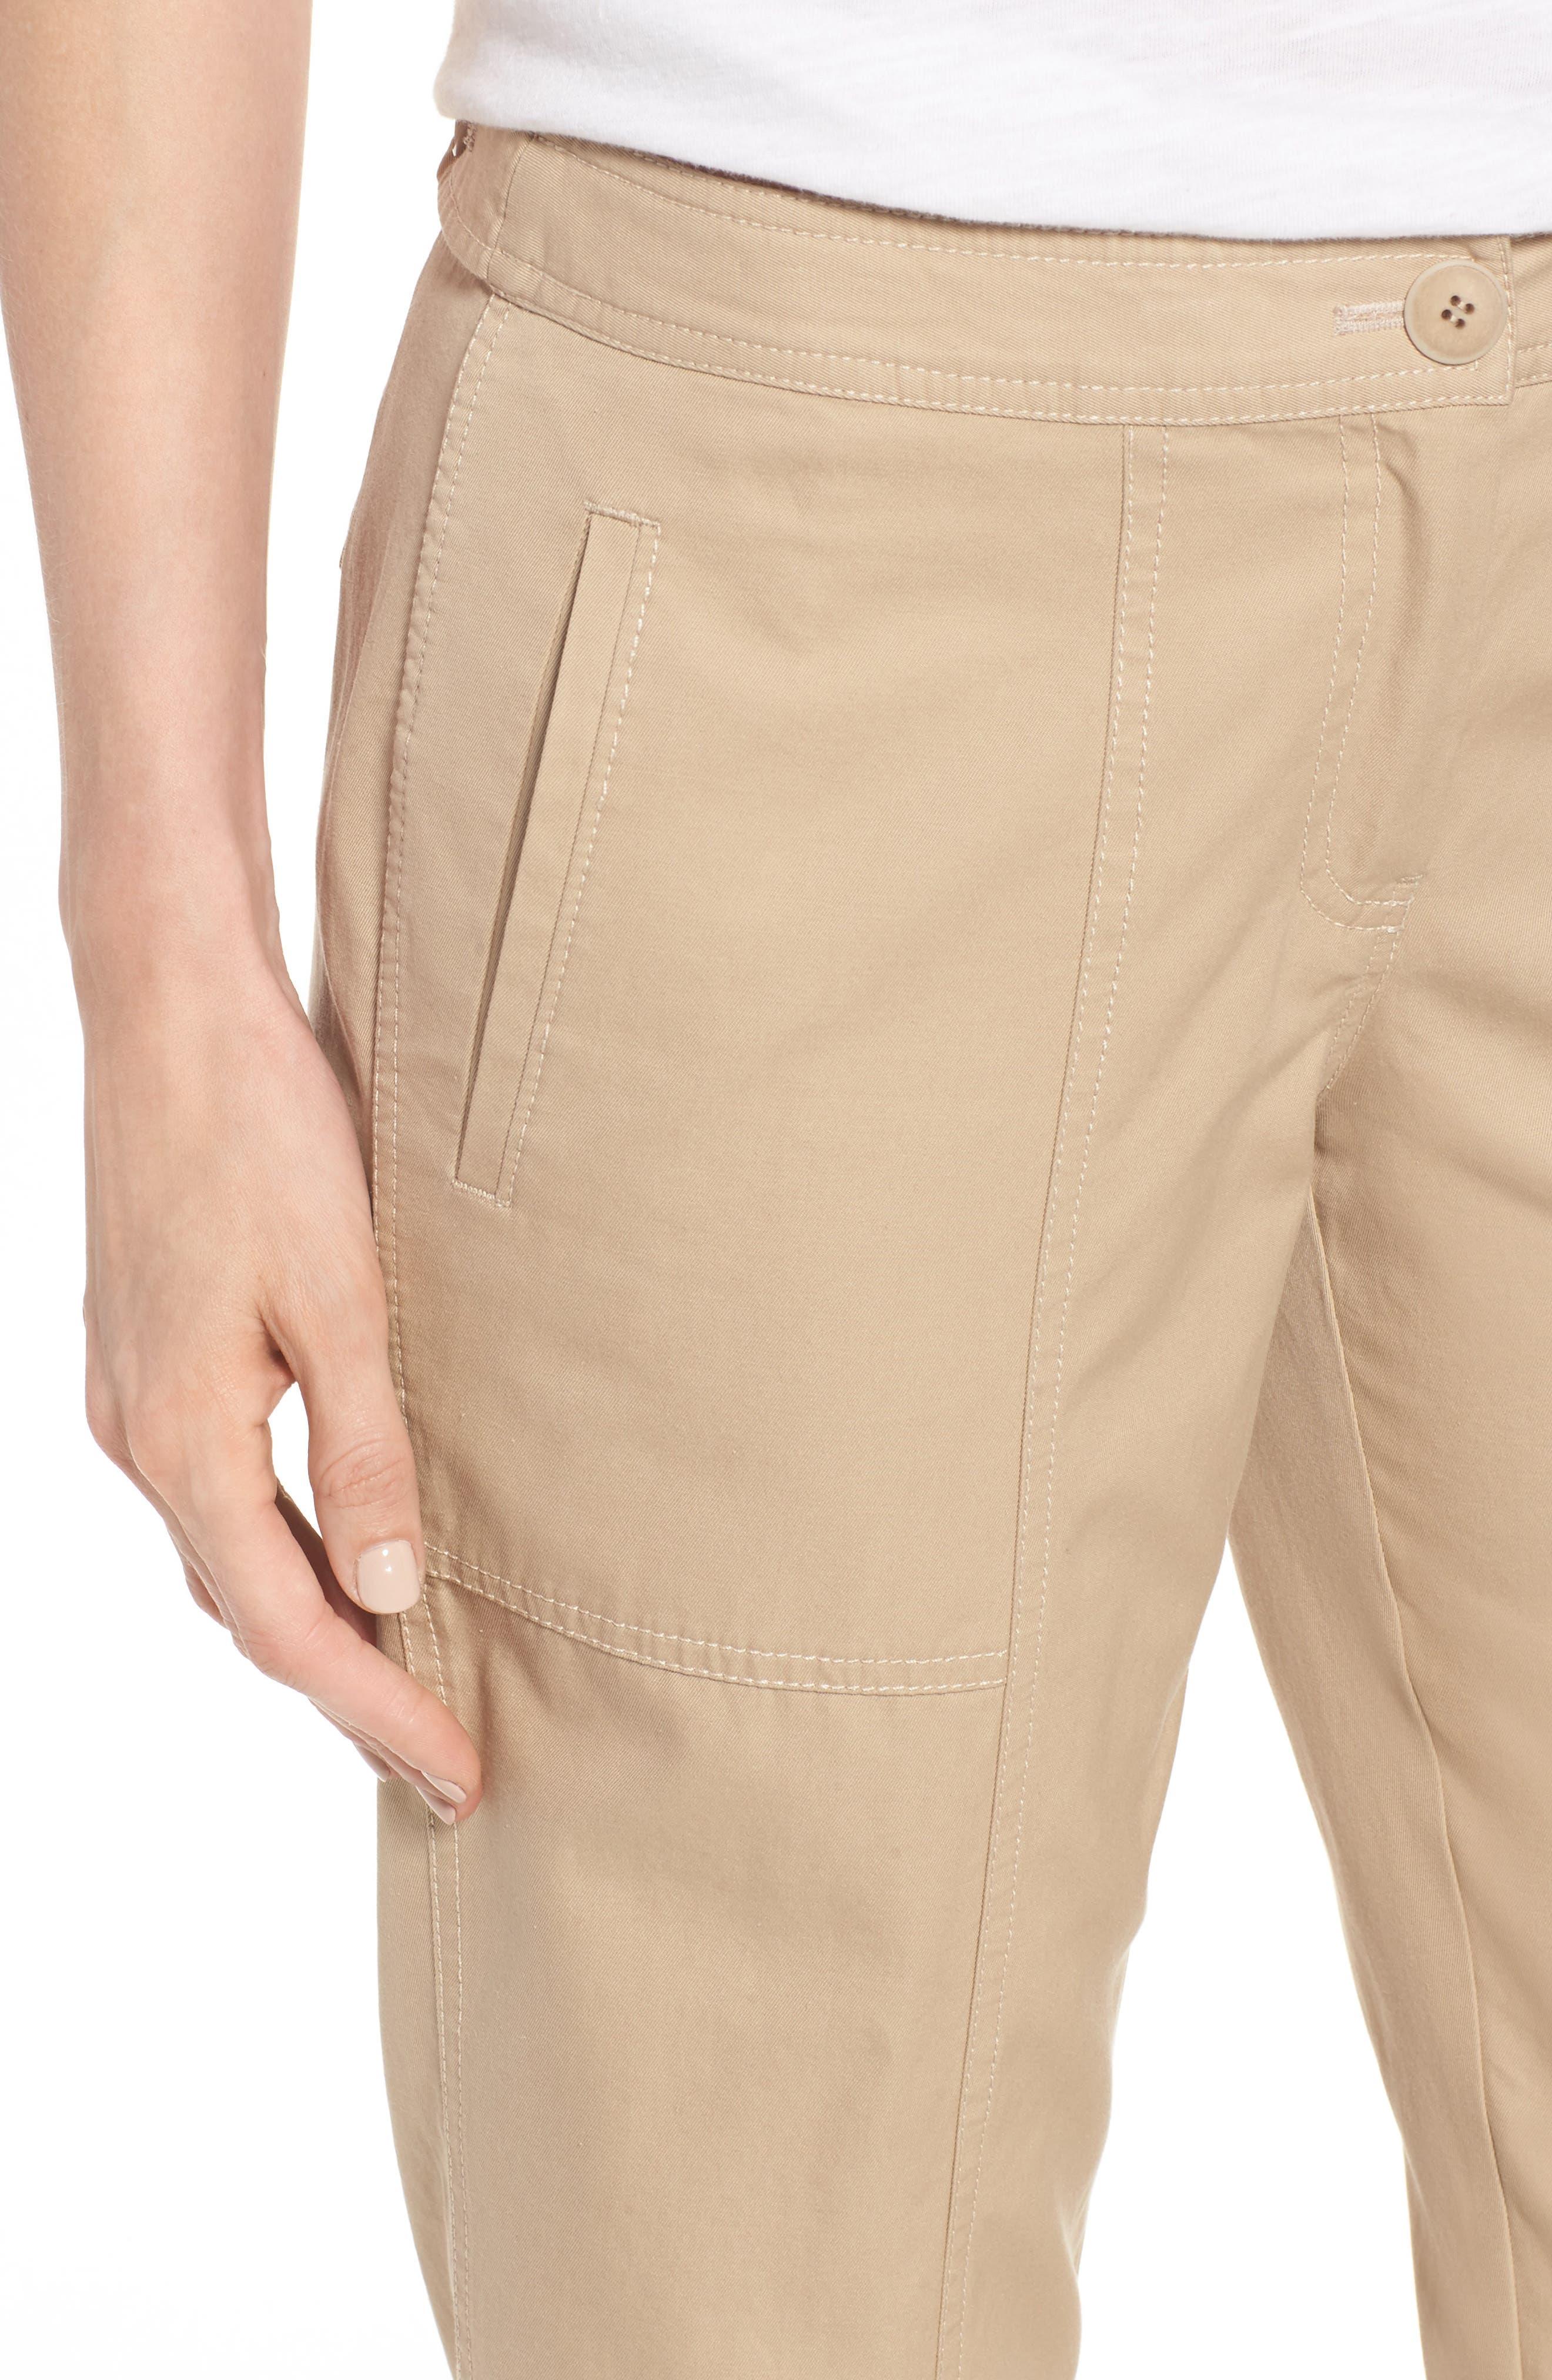 Wide Leg Crop Pants,                             Alternate thumbnail 4, color,                             270